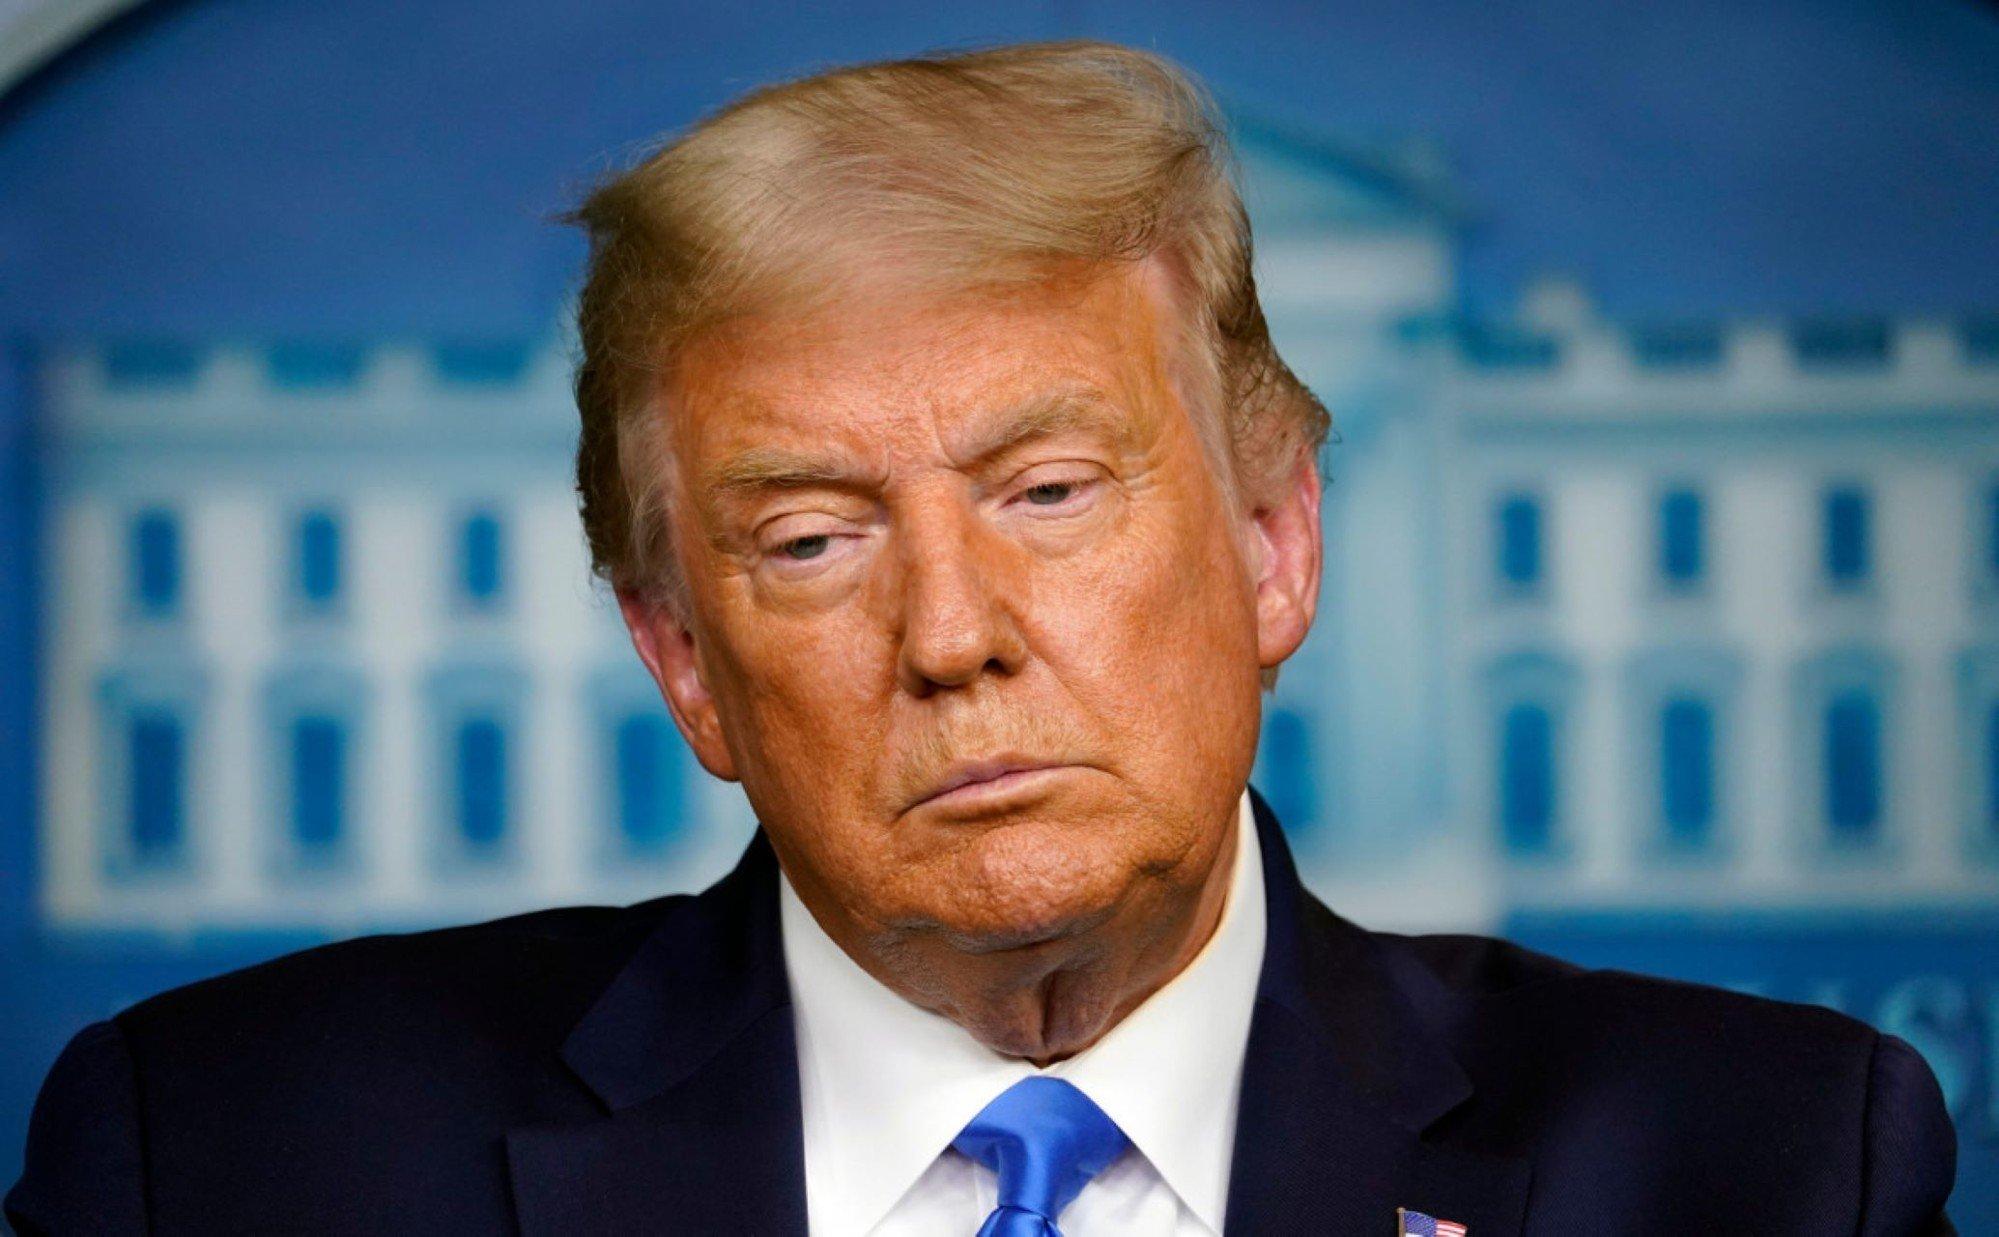 СМИ заподозрили Трампа в подготовке захвата власти